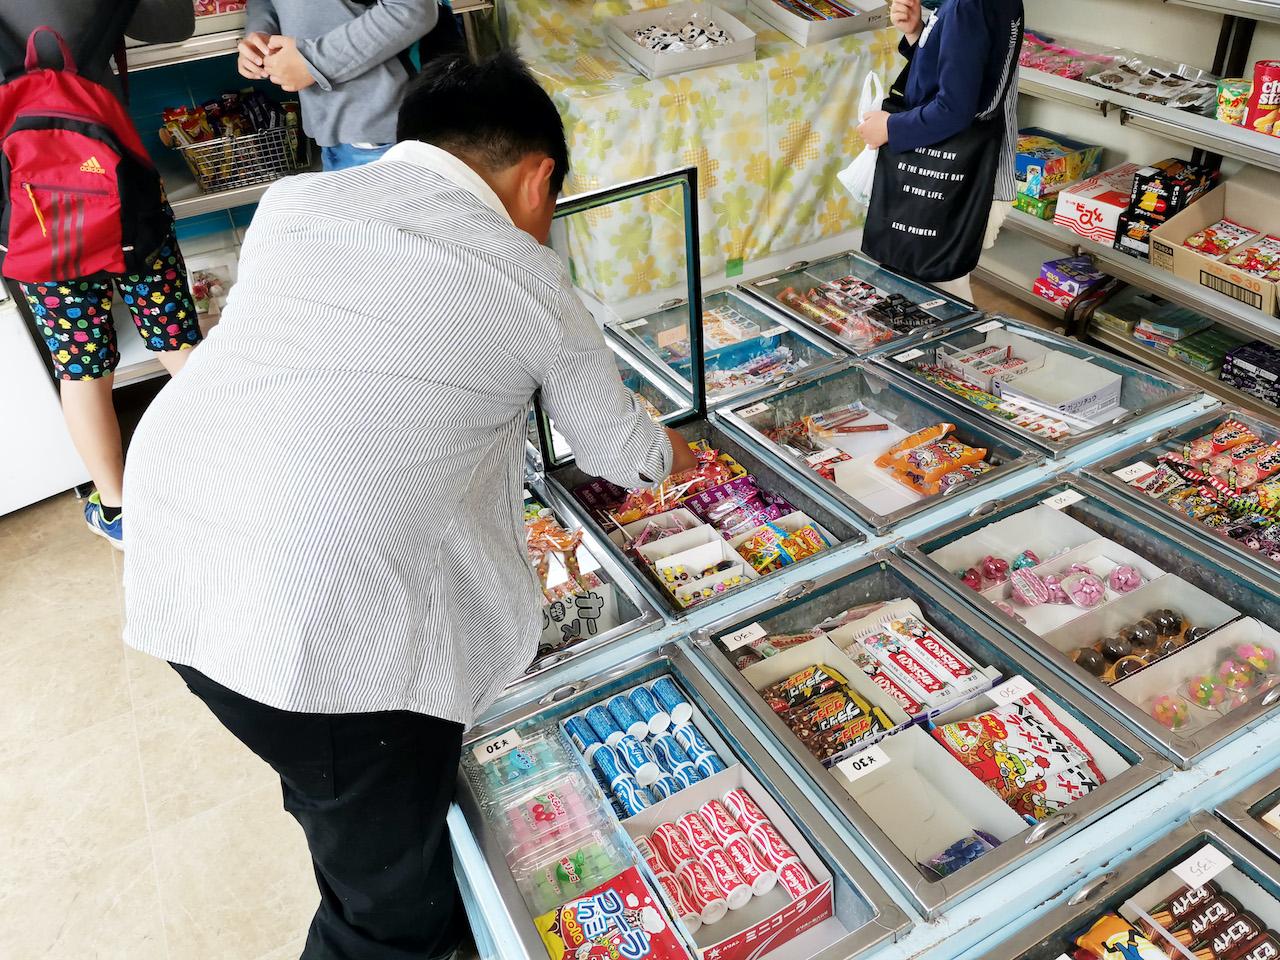 いながきの駄菓子屋探訪48岐阜県土岐市かえで商店4